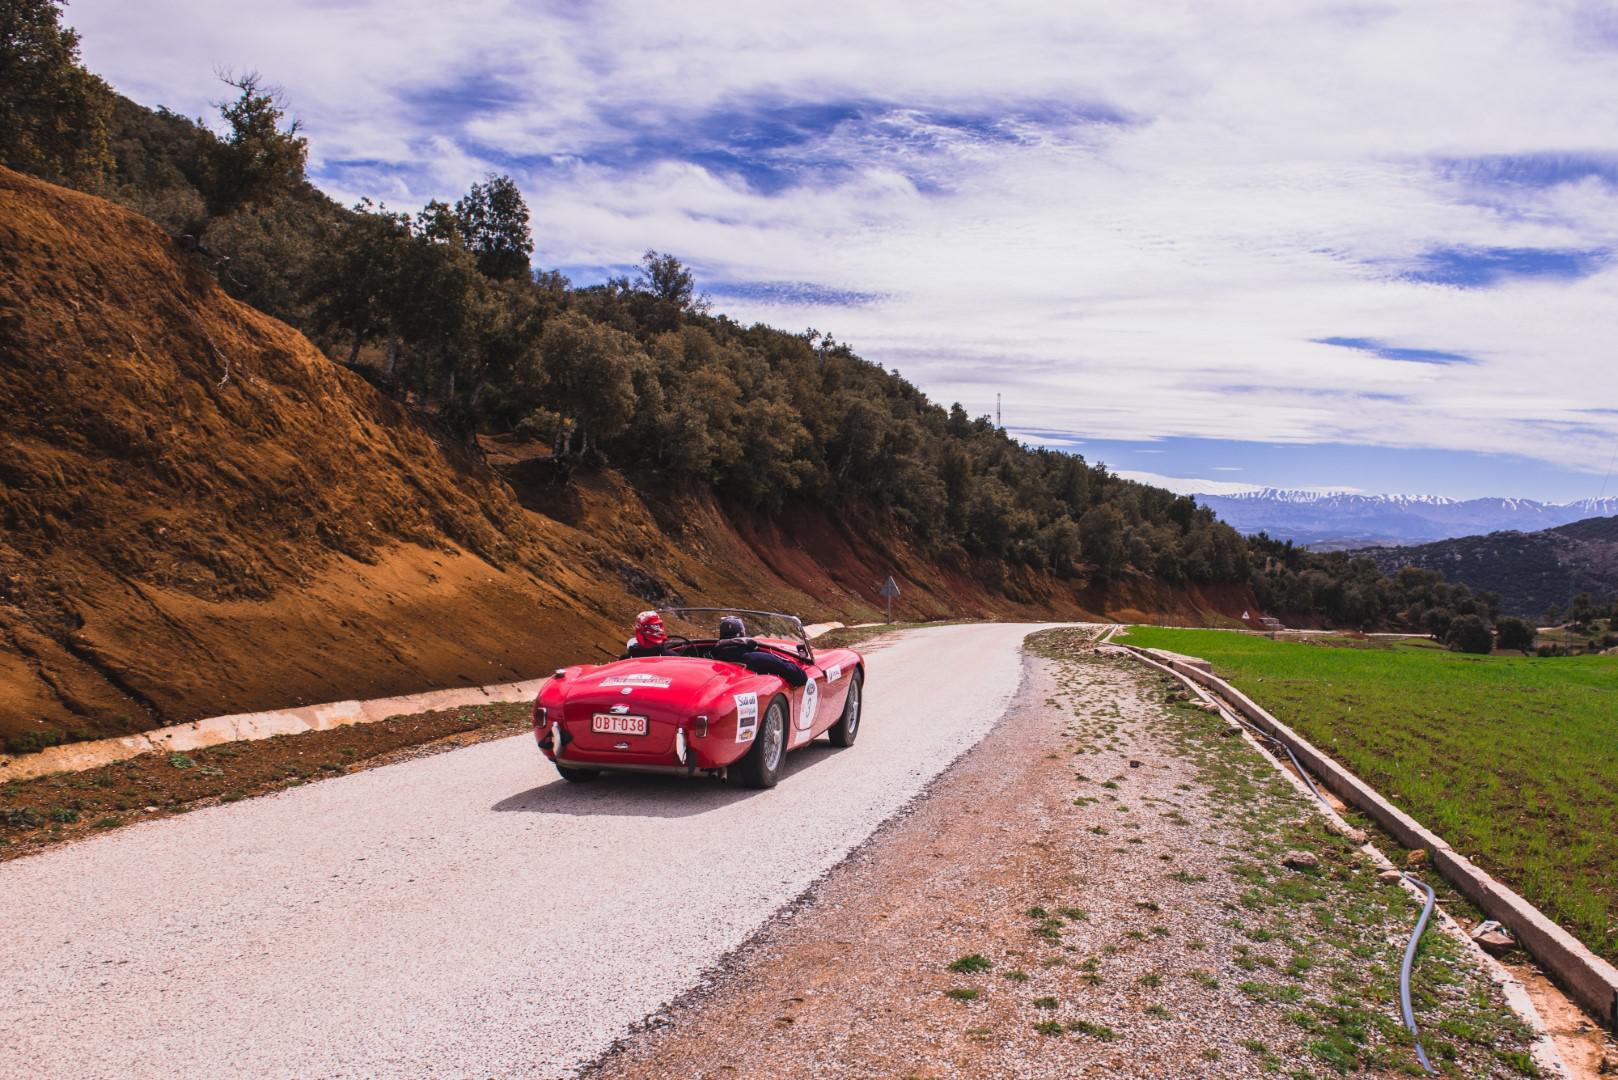 victoire-marocaine-pour-le-25eme-anniversaire-du-rallye-maroc-classic-680-6.jpg